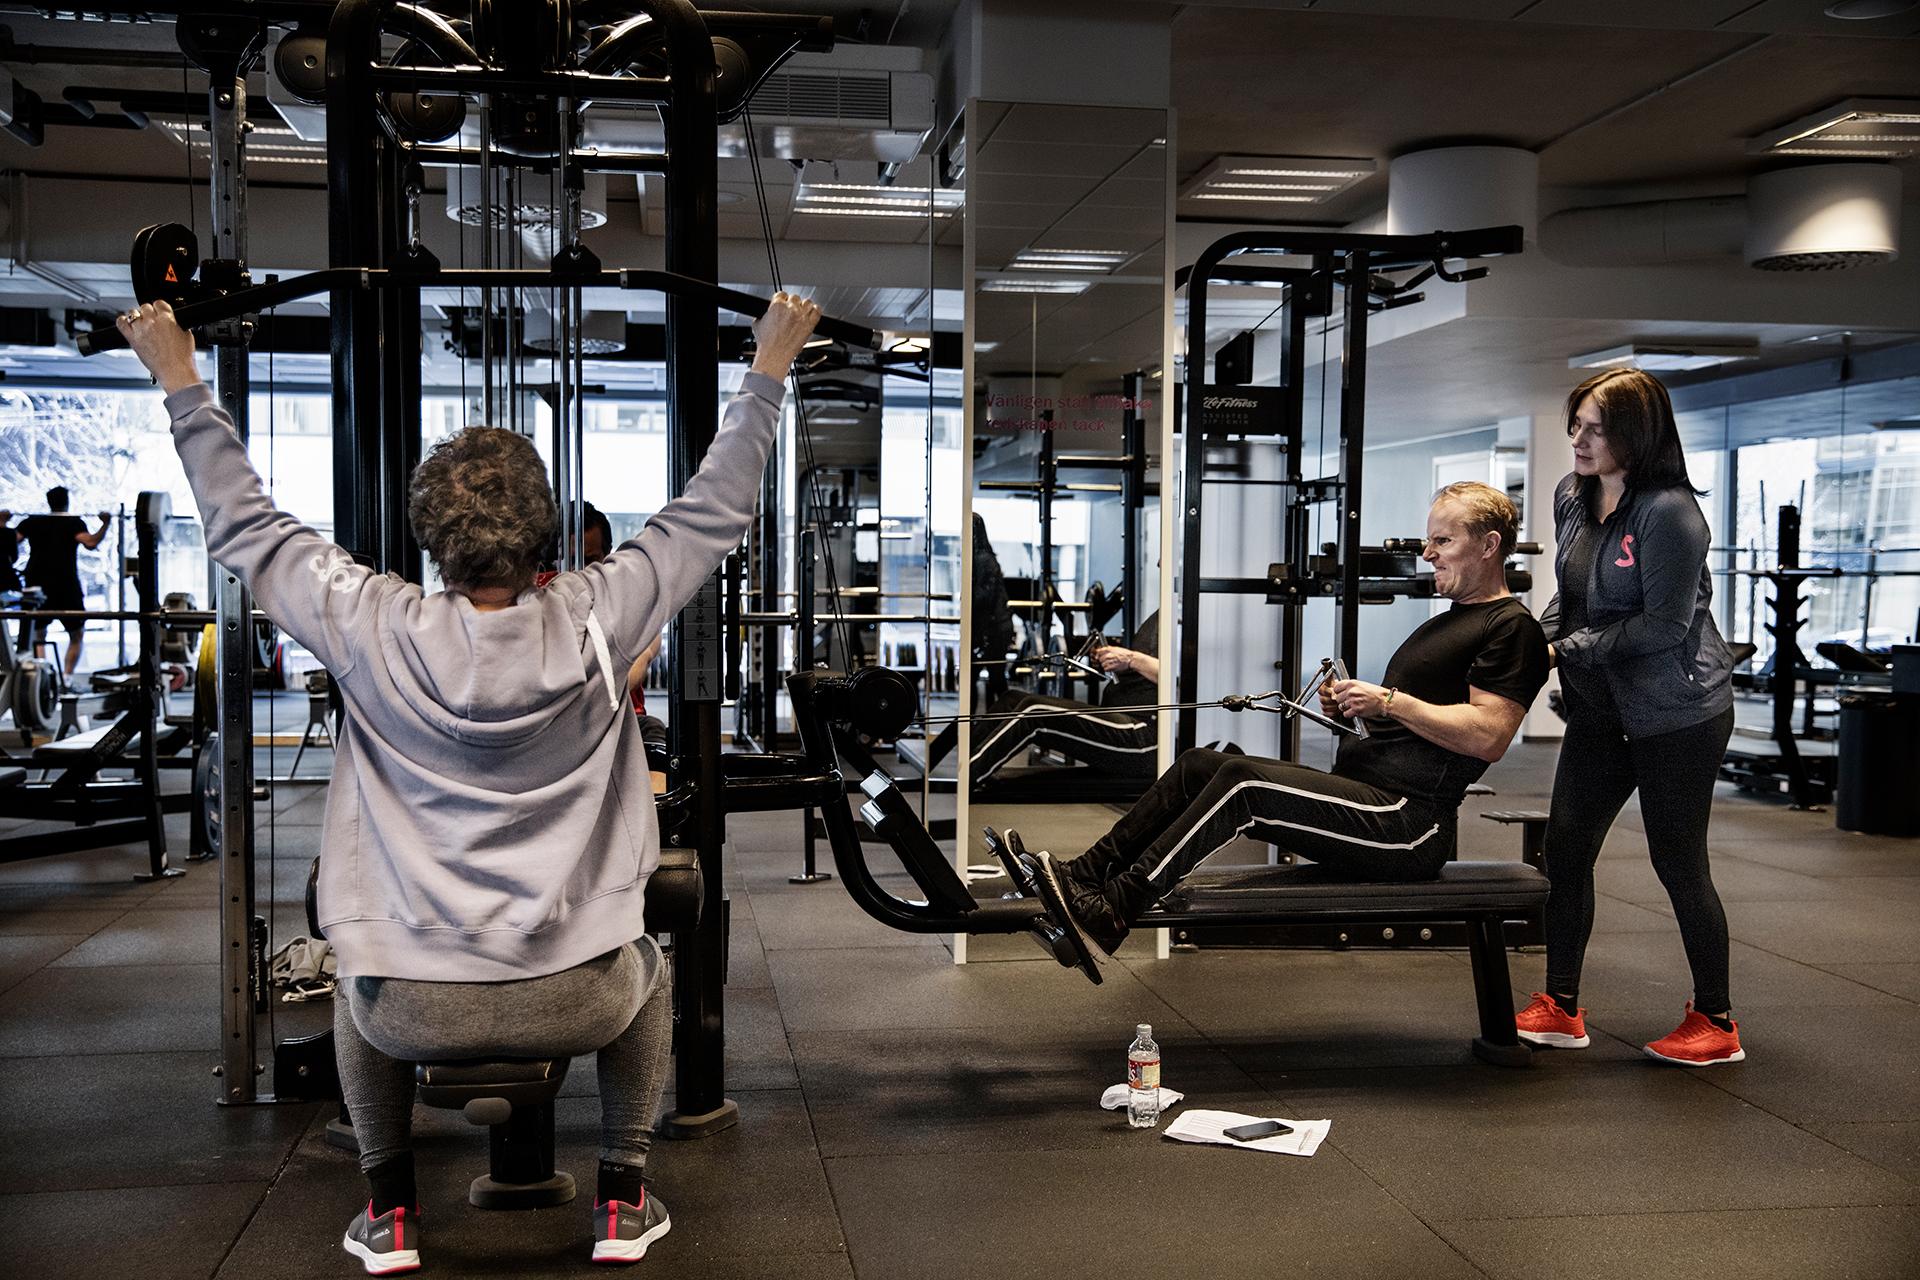 Från vänster till höger: Helena Rodensjö gör latsdrag i en maskin. Per Gradin tränar ryggen i en roddmaskin på SATS. Han får hjälp av en personlig tränare.